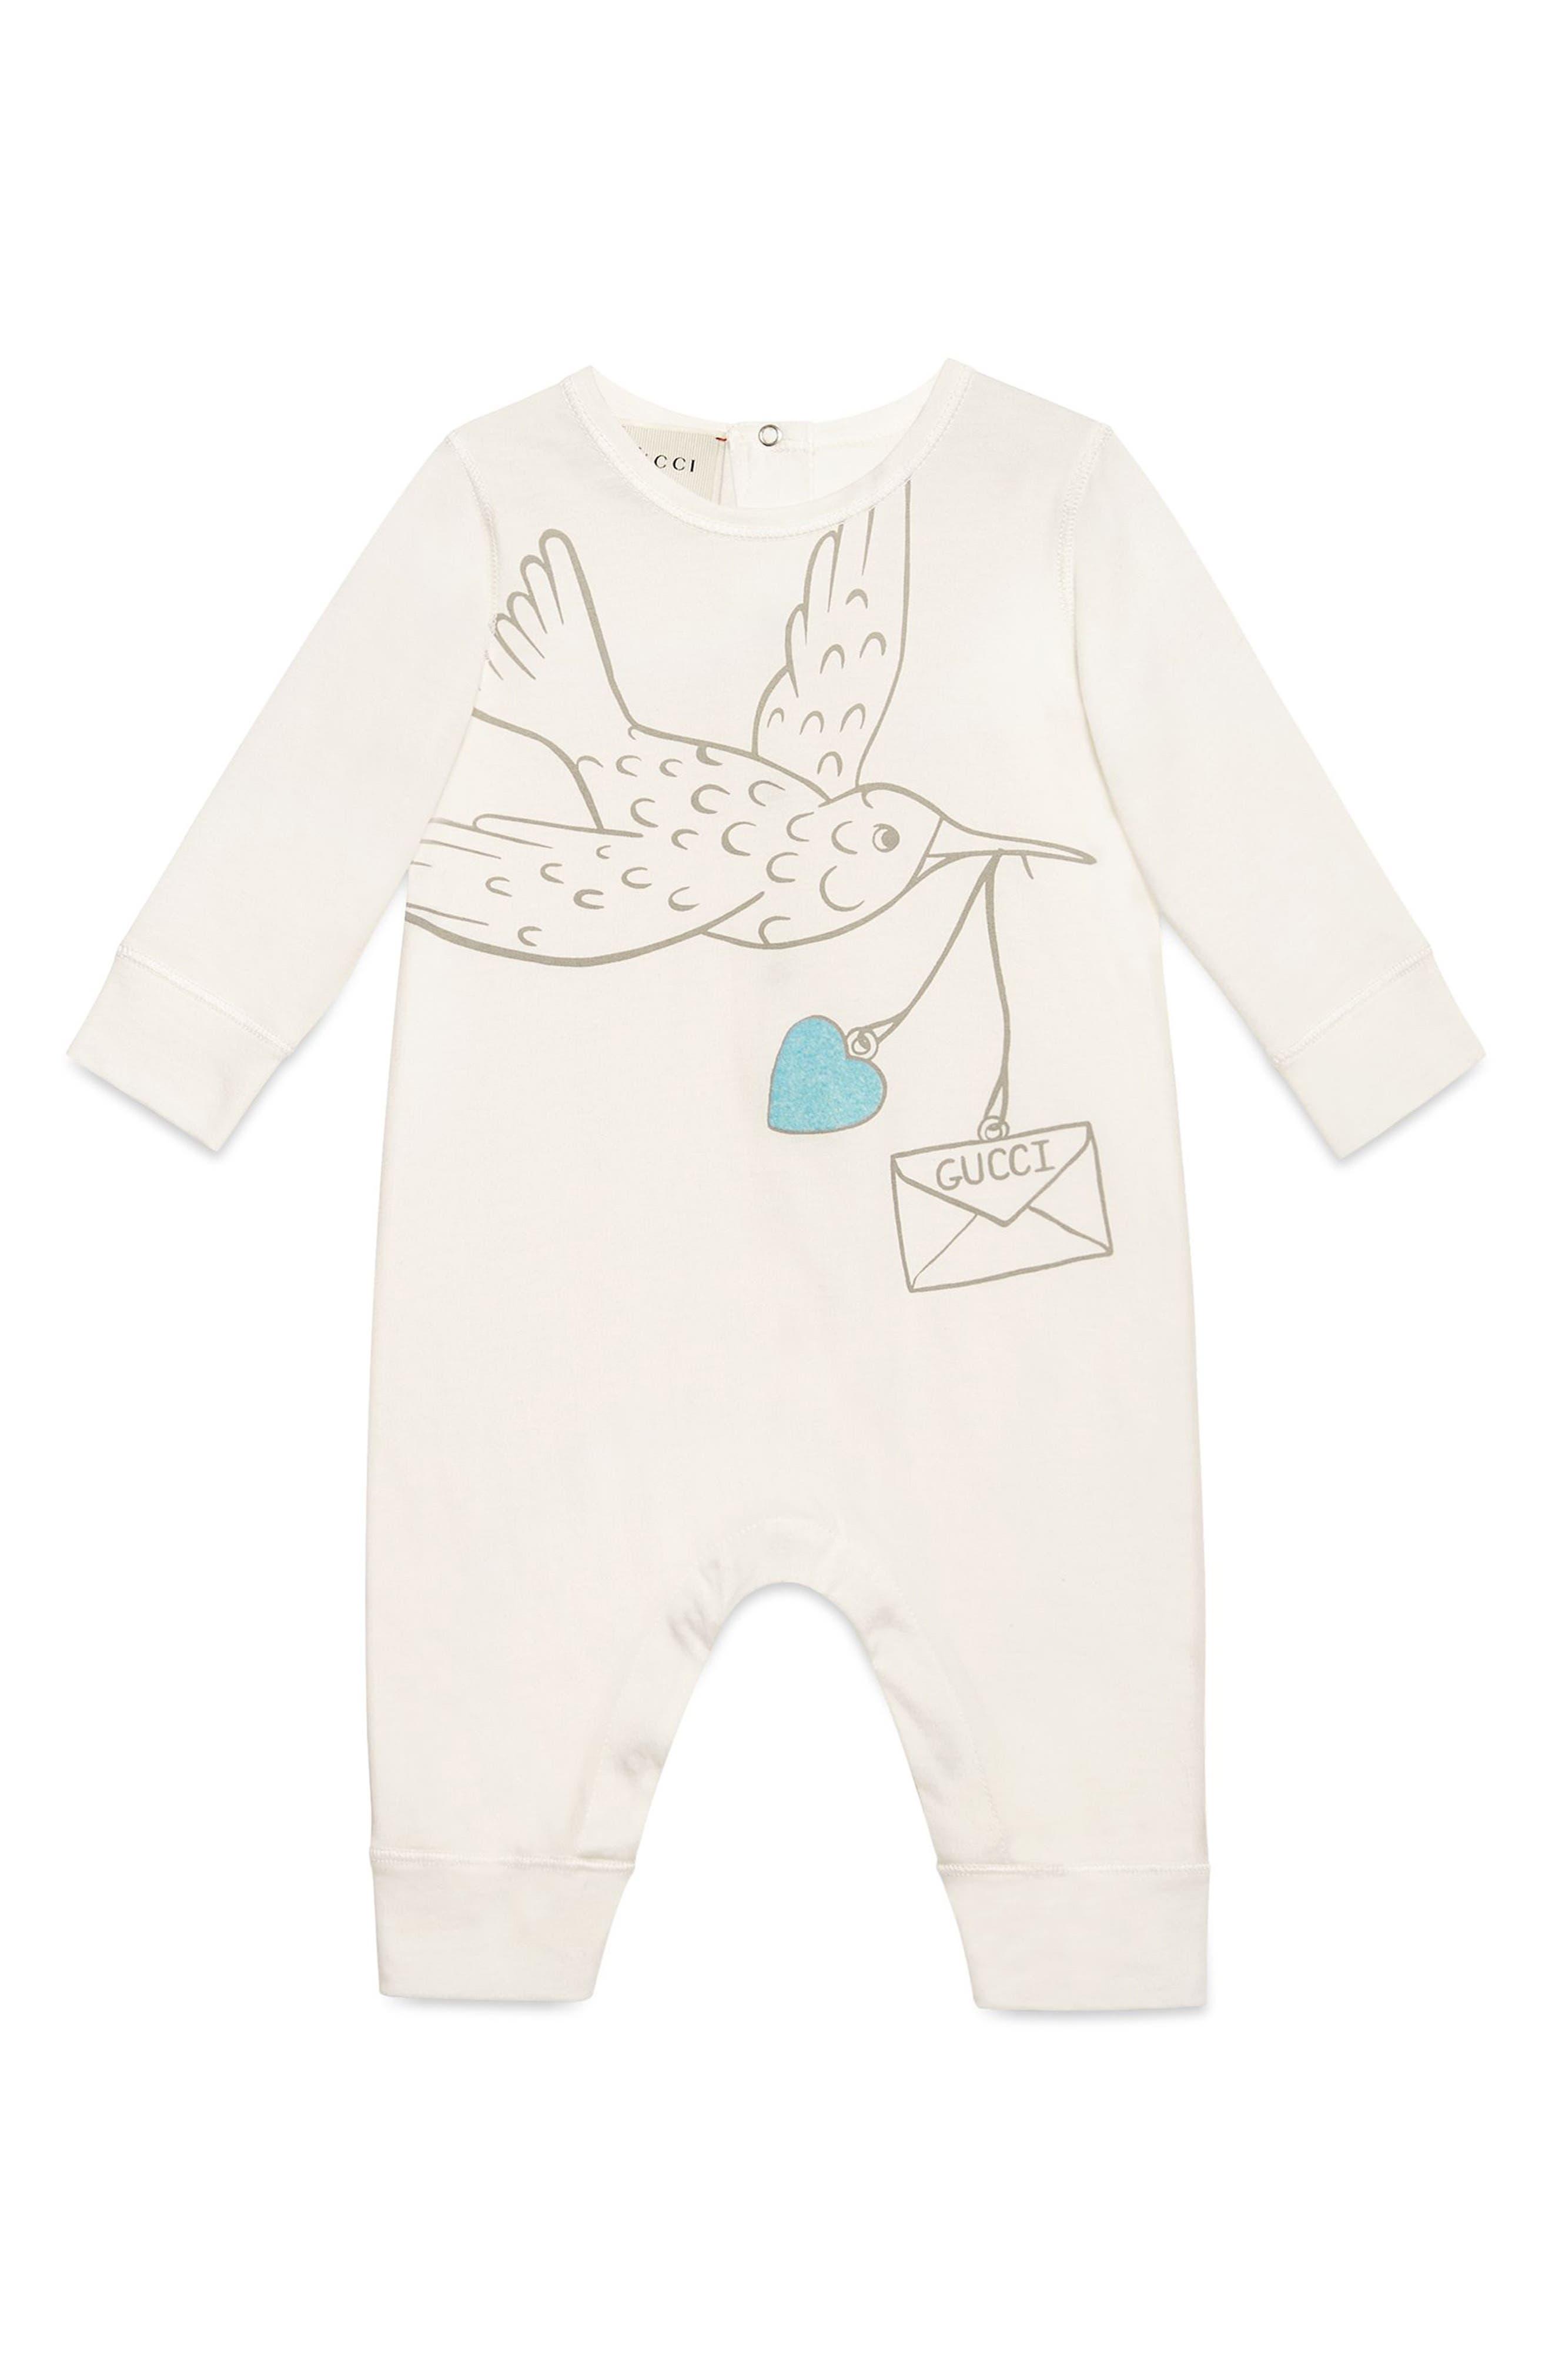 Main Image - Gucci Dove Graphic Cotton Romper (Baby Girls)